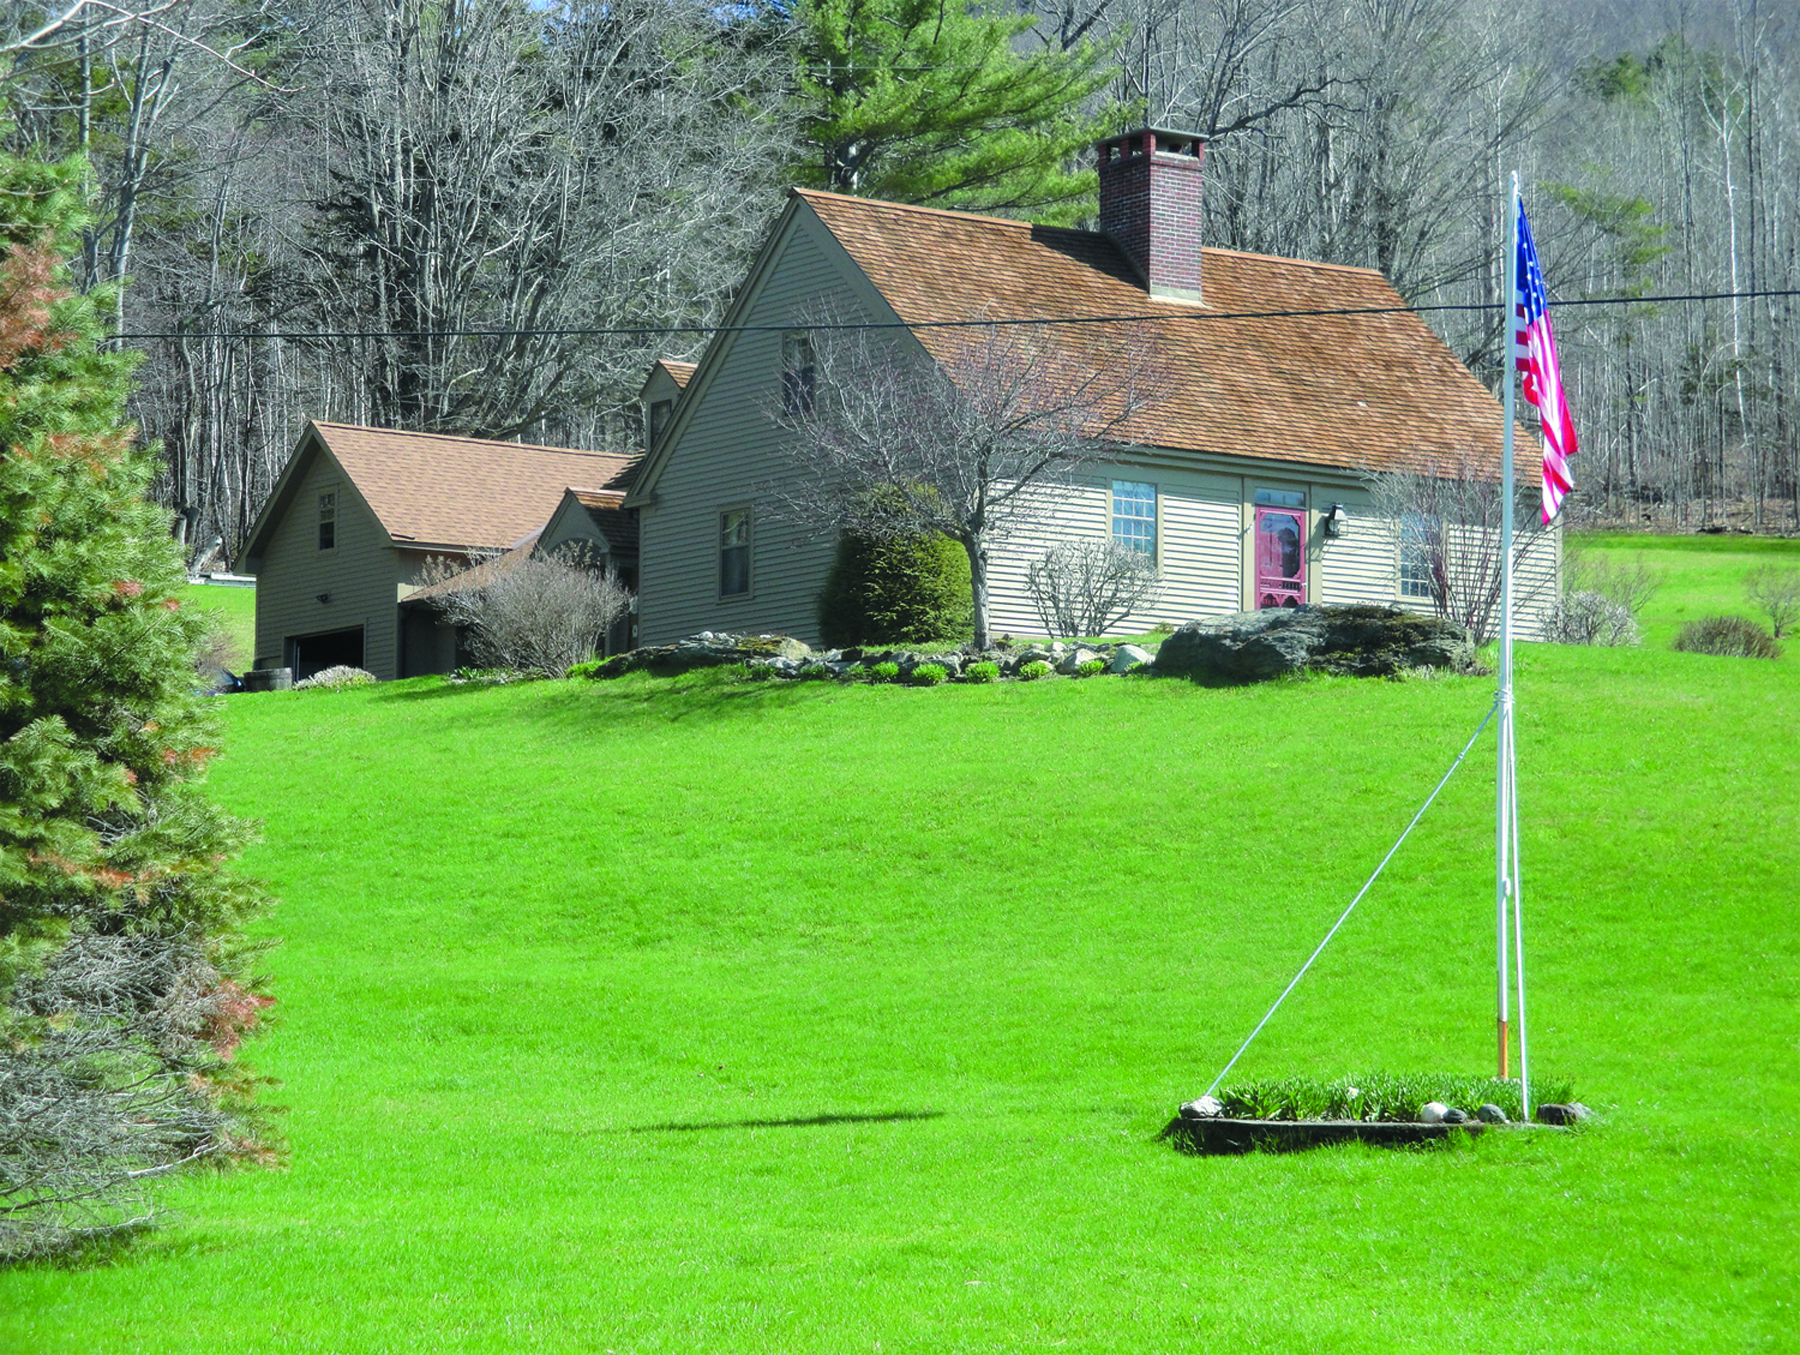 独户住宅 为 销售 在 1920 Green Hill, Danby 1920 Green Hill Rd 丹比, 05739 美国